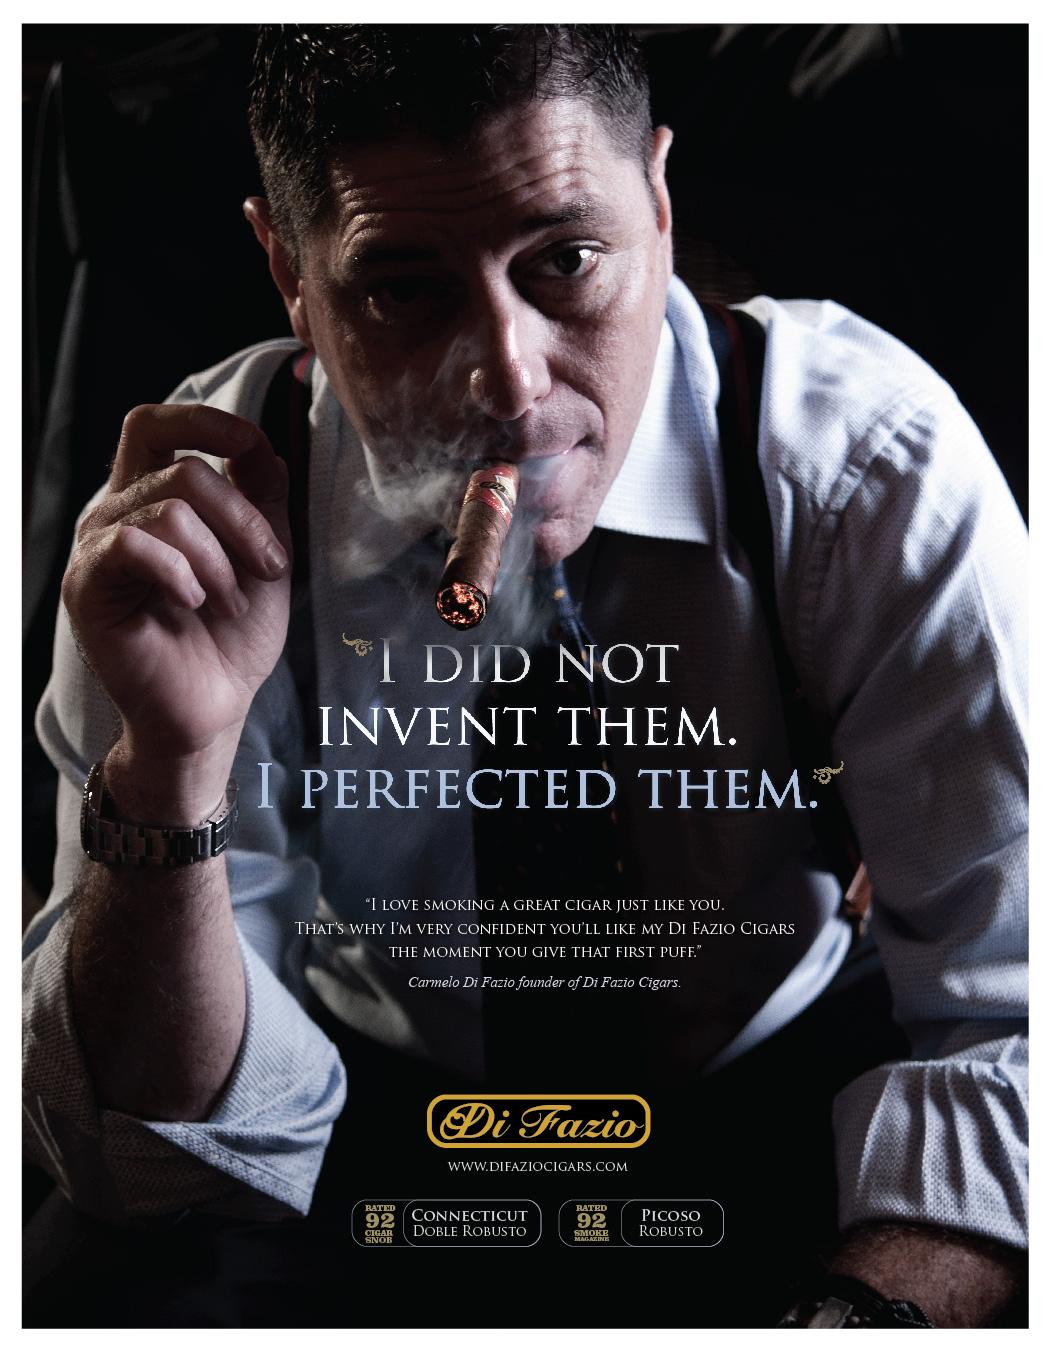 BARROCO_Cigar Aficionado Ad campaign